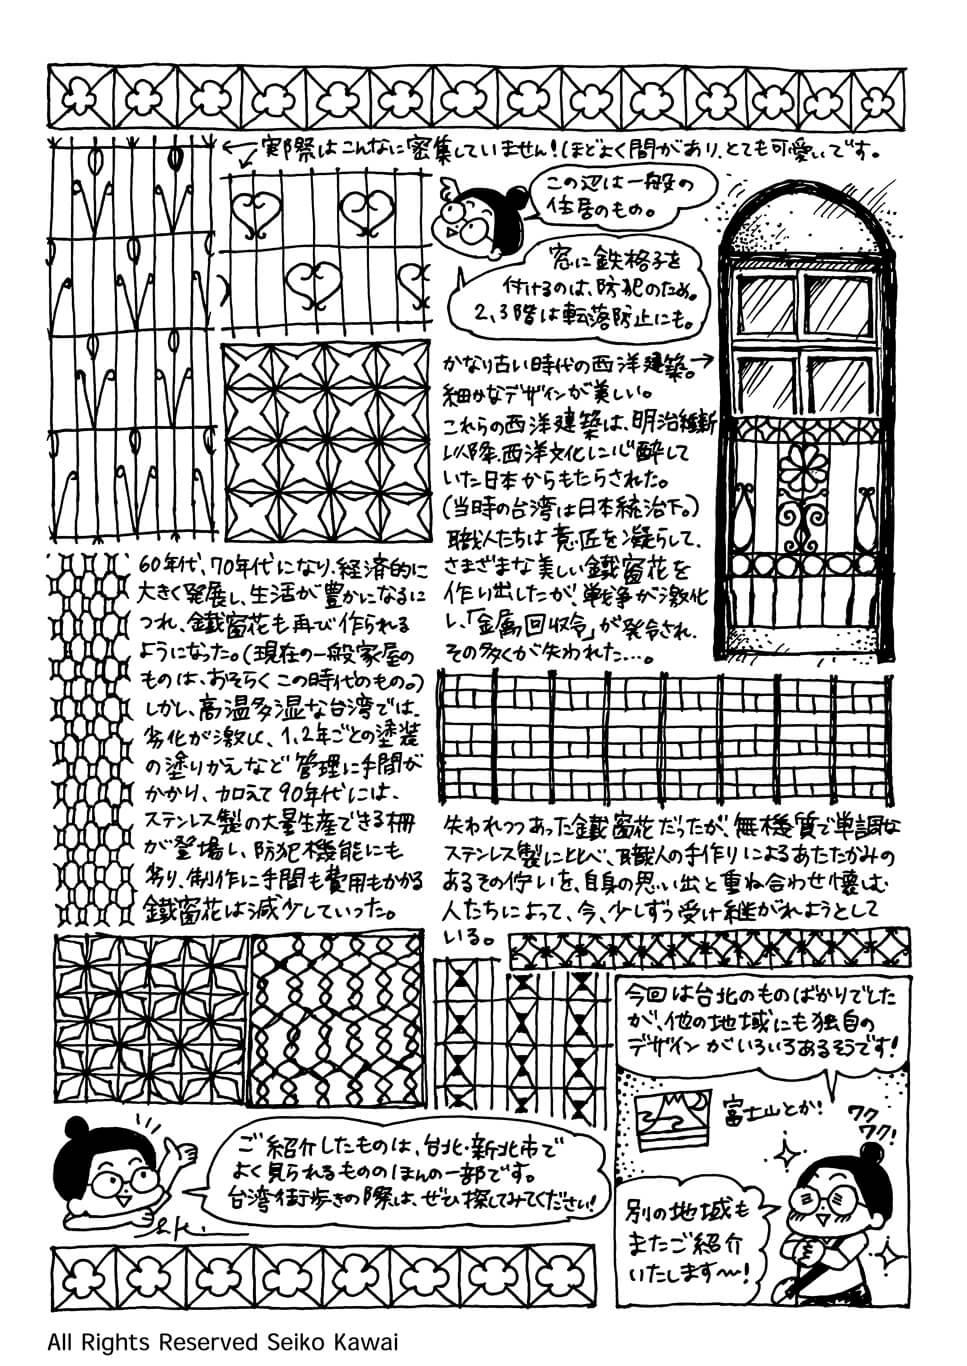 プラスフクオカ |WEBマンガ連載|河合誠子「台湾アート散歩」07